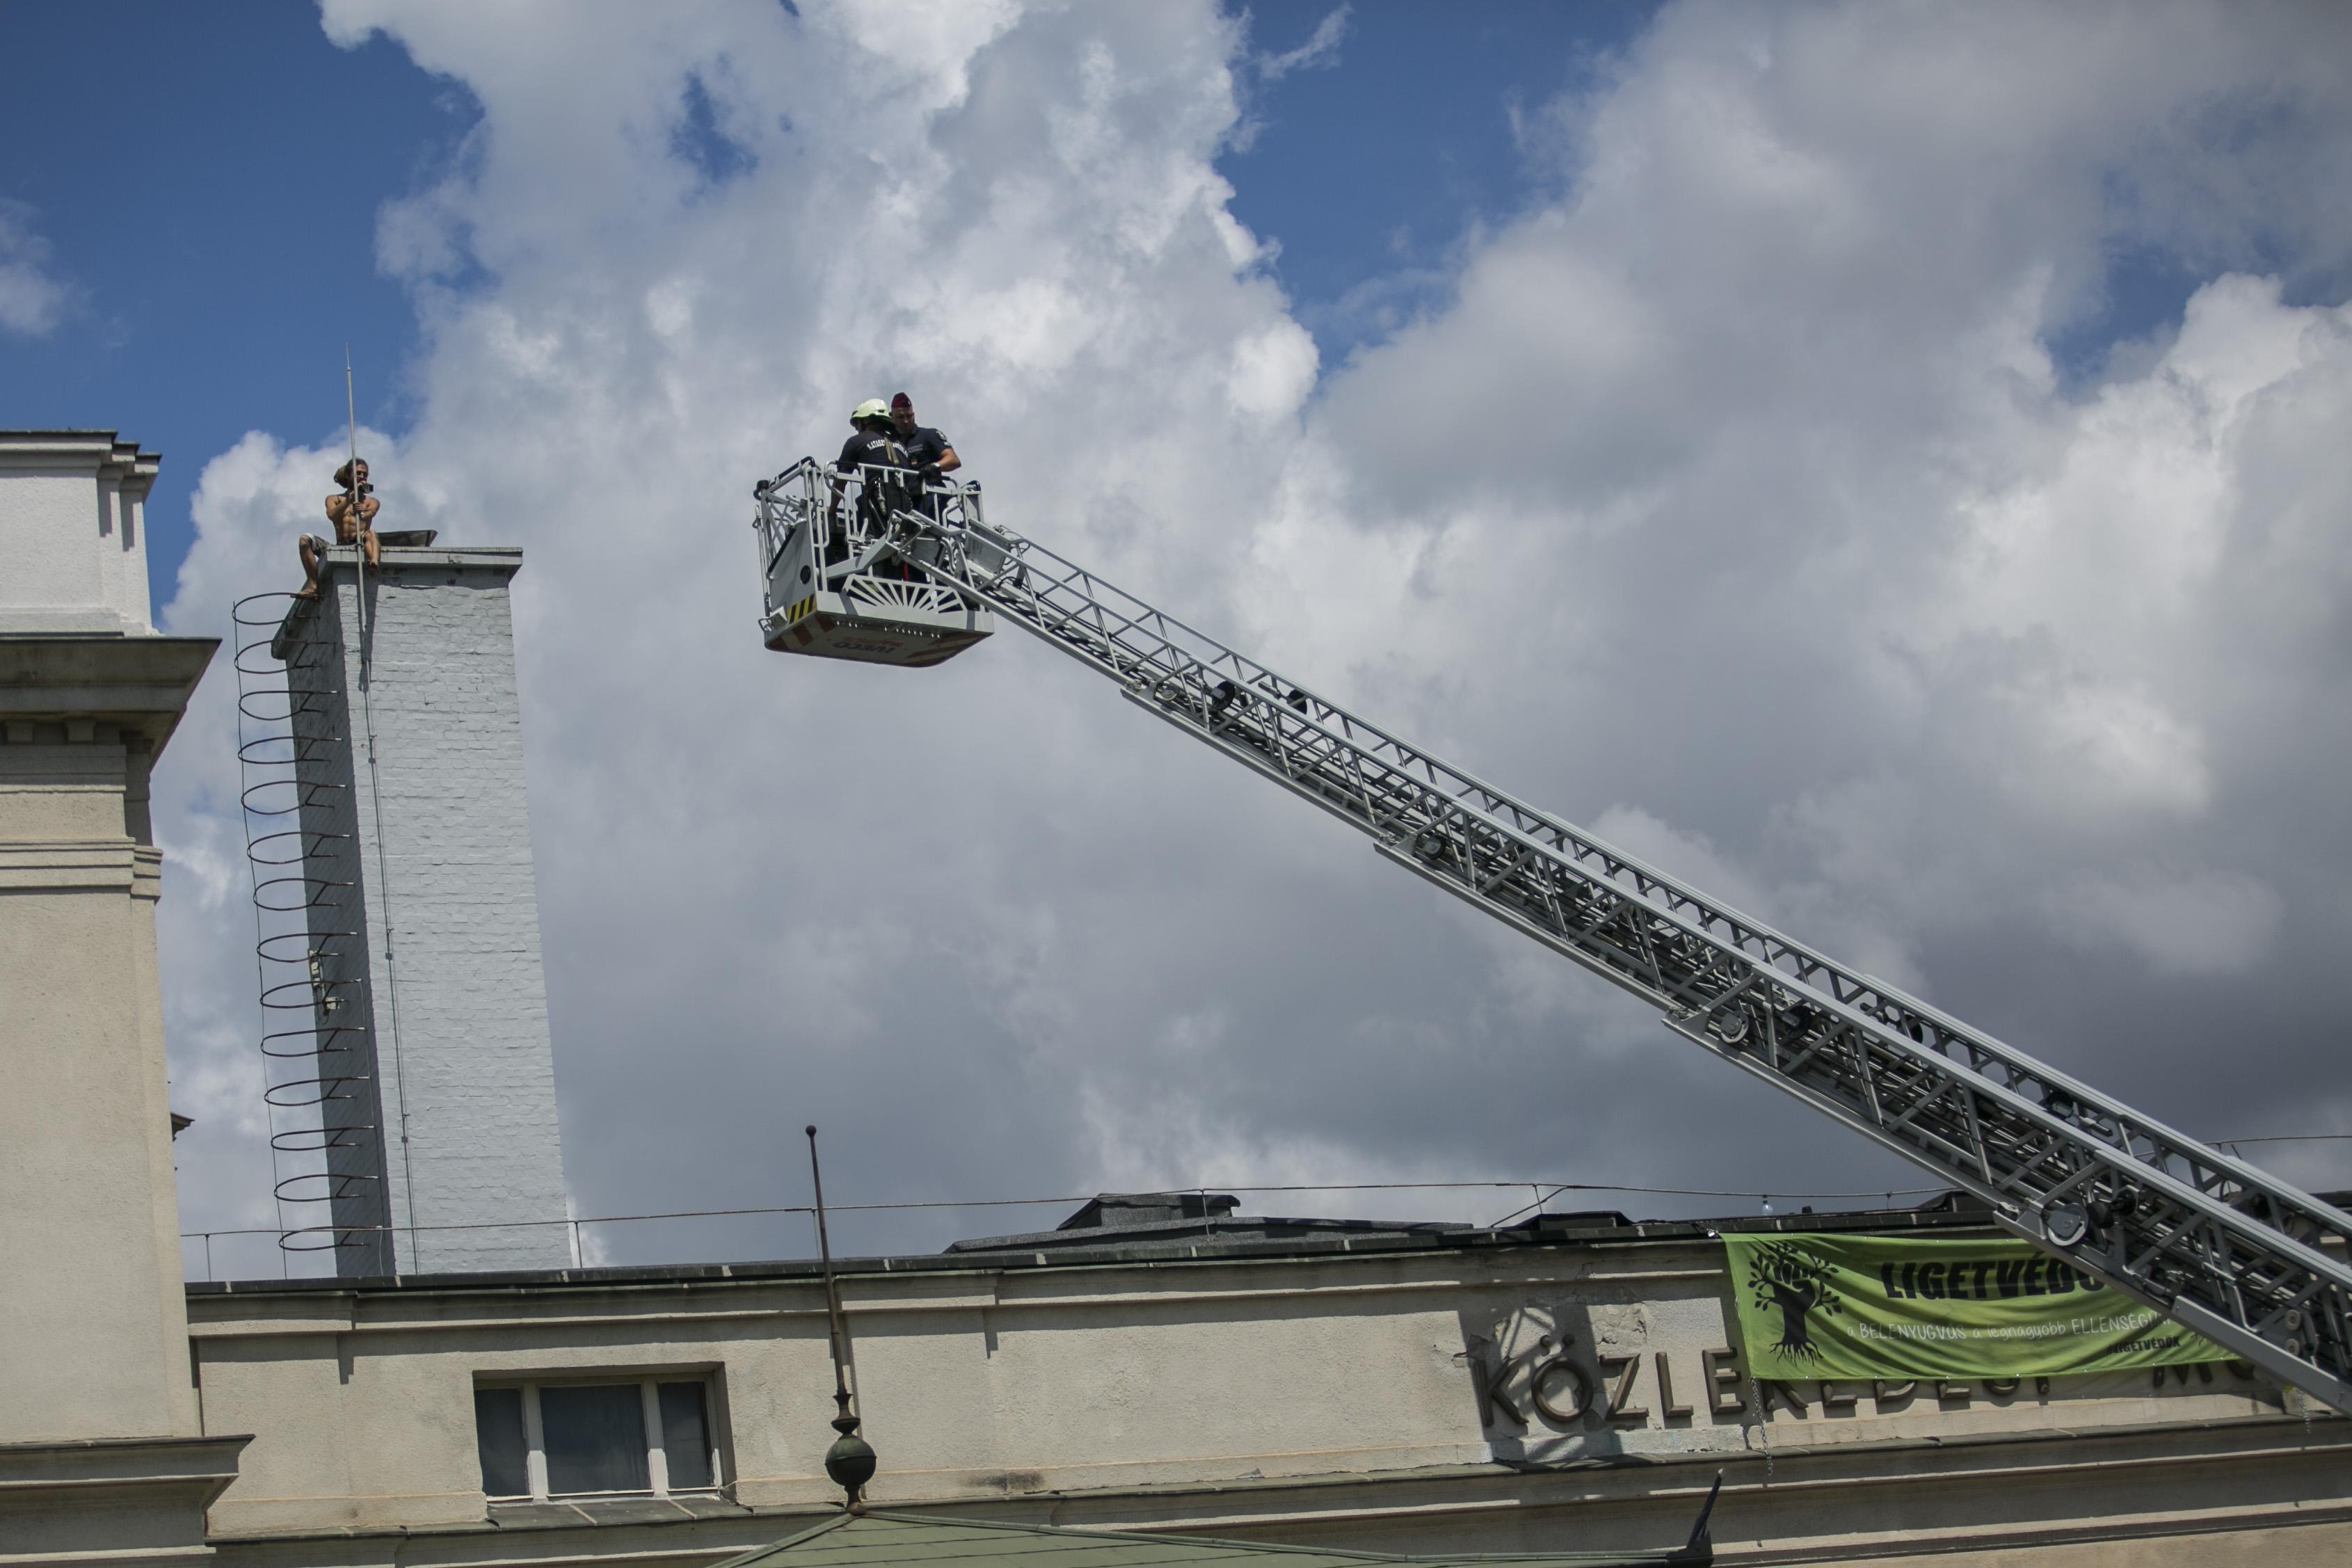 Csak másnap dél körül engedték ki a Közlekedési Múzeum tetejére felmászó ligetvédőt a zárt osztályról